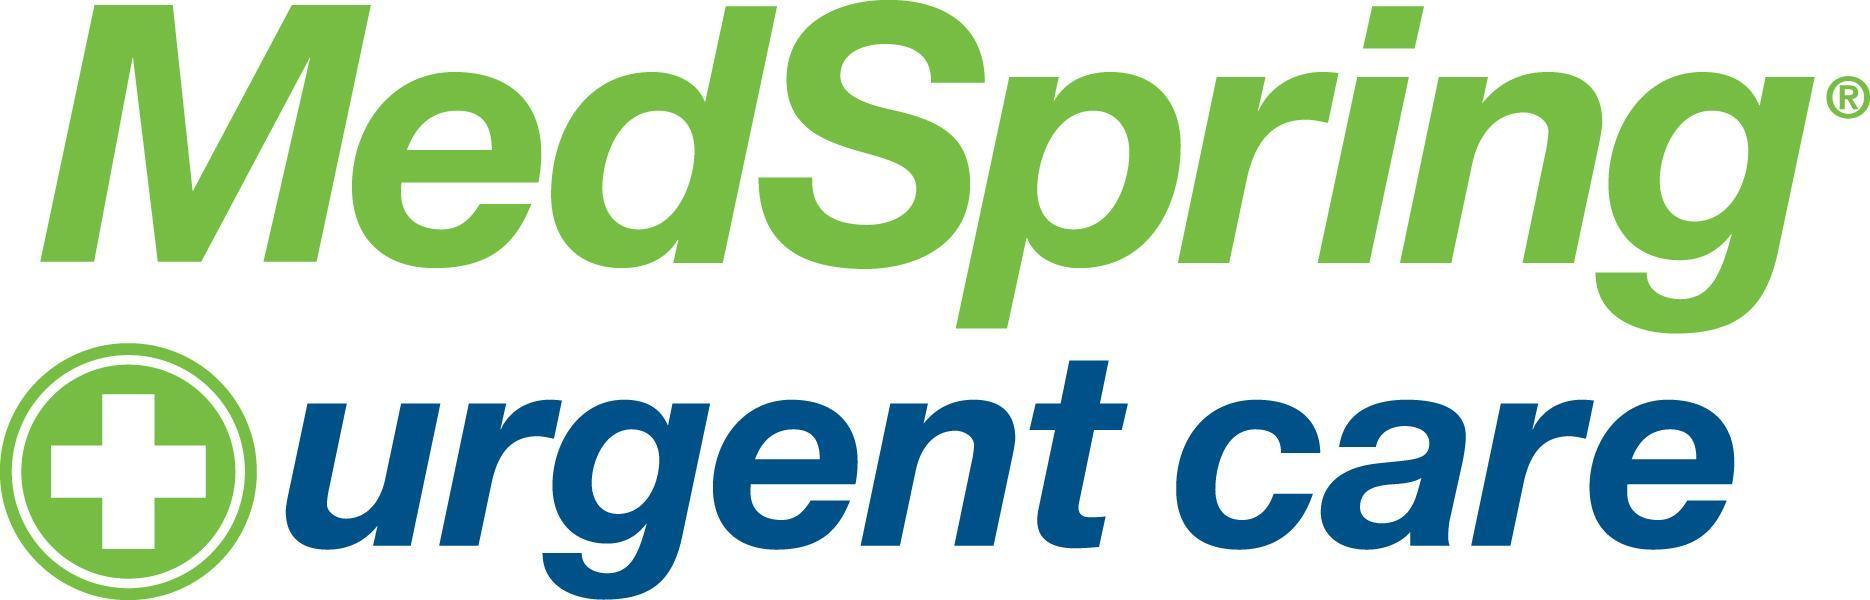 MedSpring Urgent Care's logo